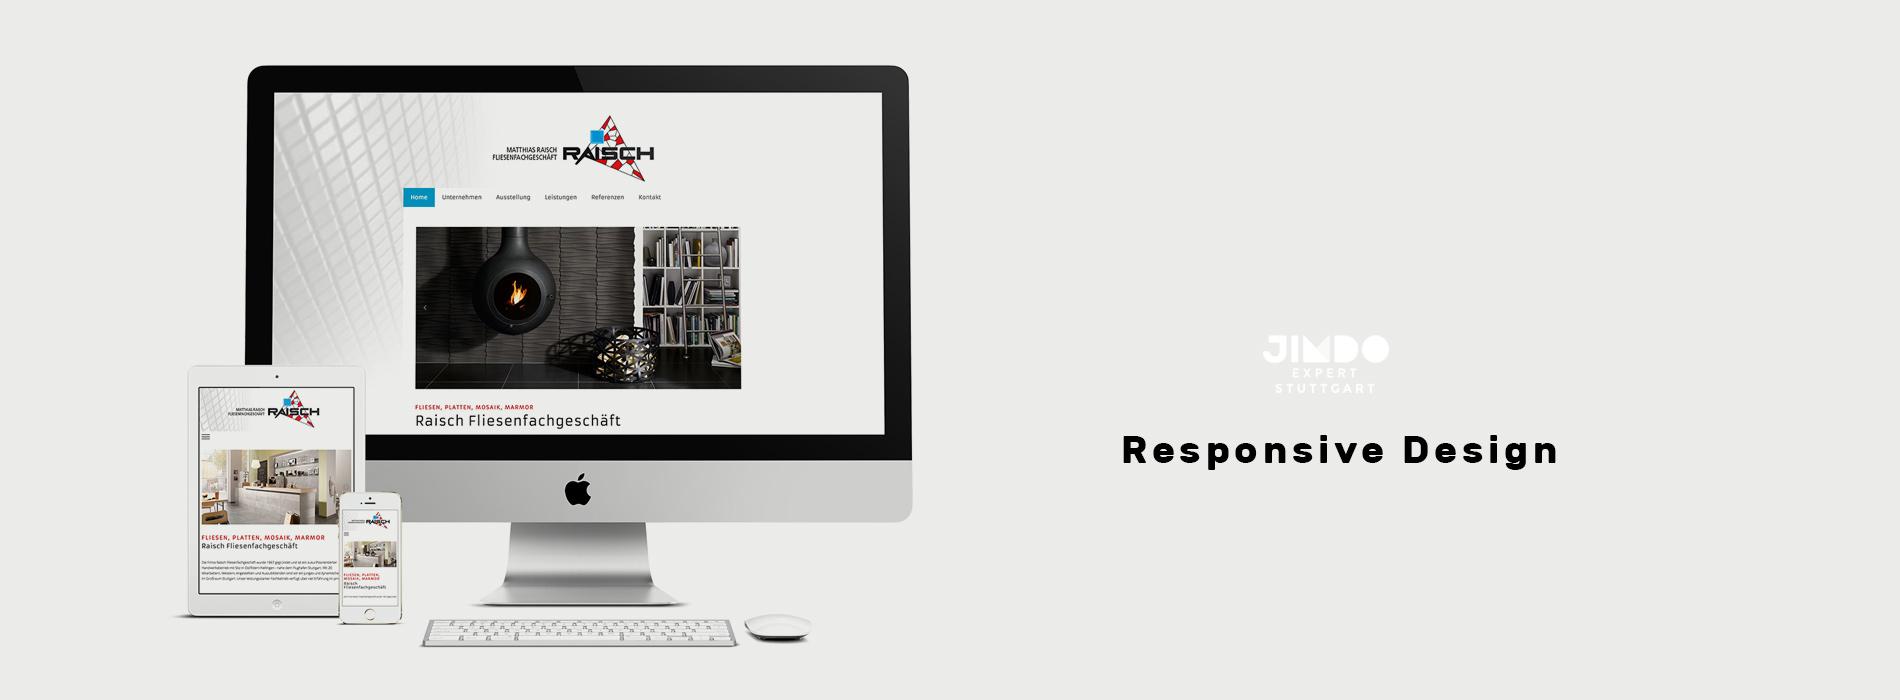 Jimdo Expert Stuttgart - Webdesign, Responsive Design, SEO - Peter Scheerer